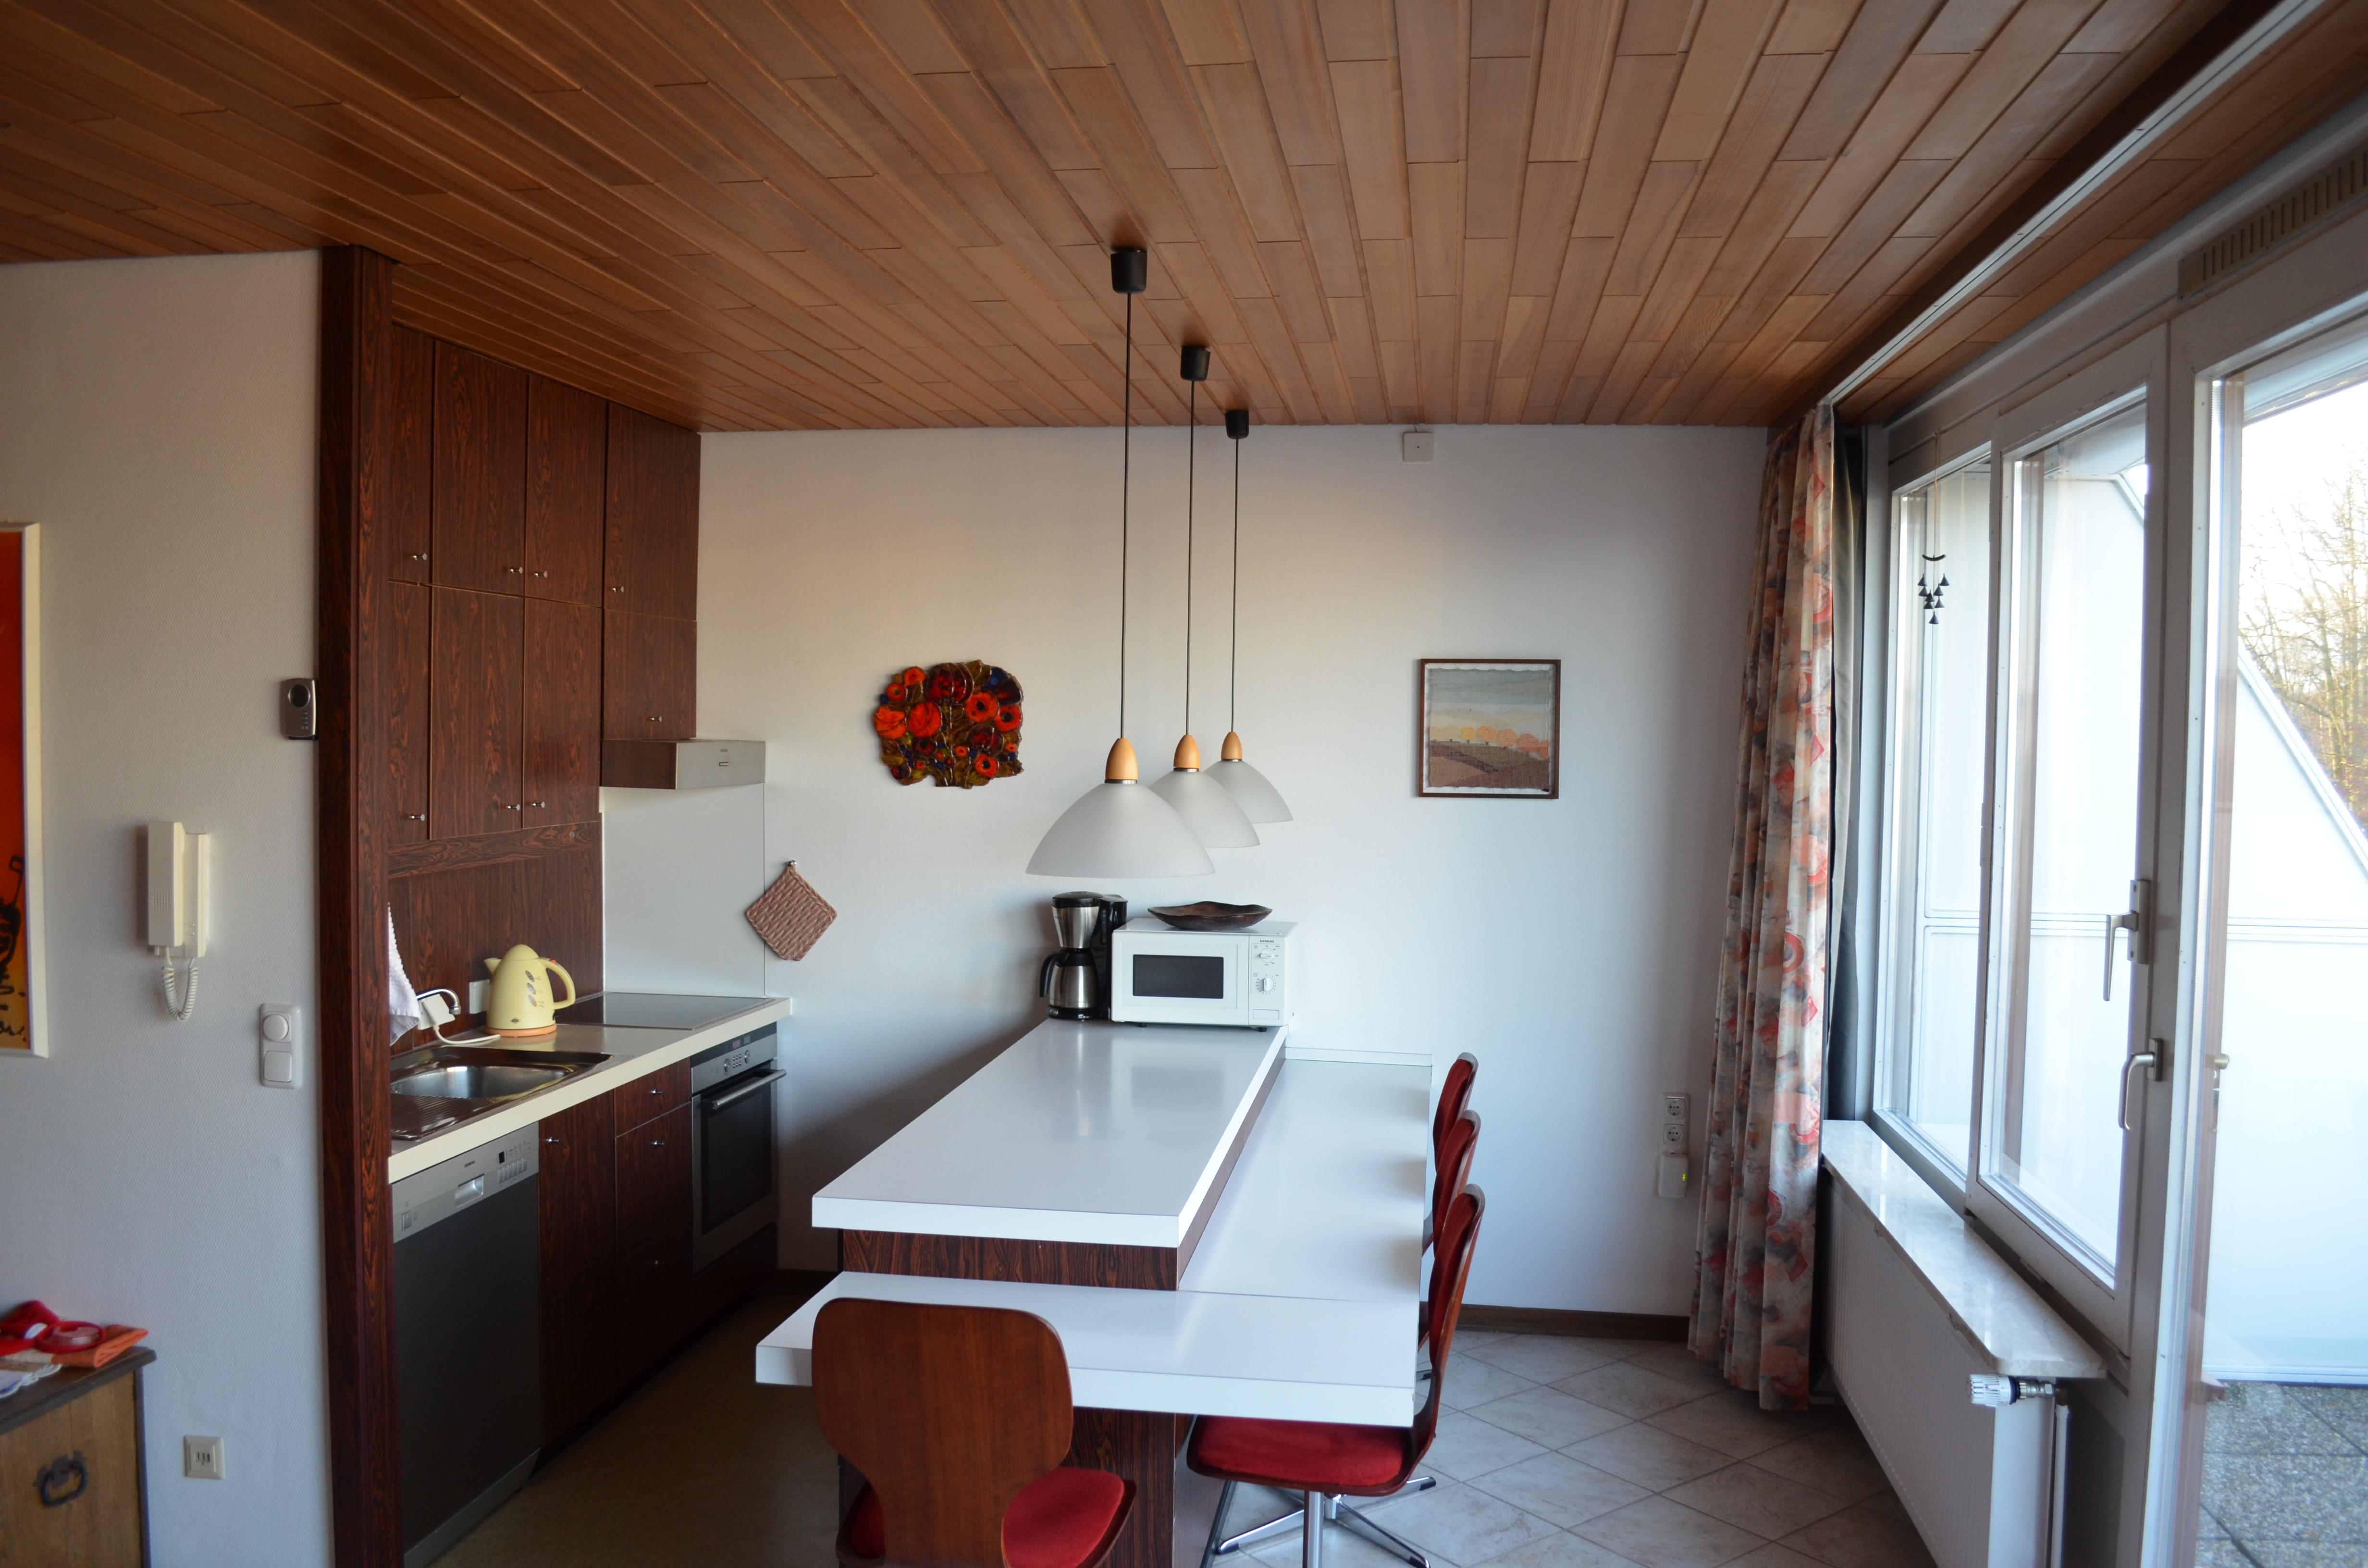 12 - Viel Platz für die ganze Familie im Küchen- und Eßbereich